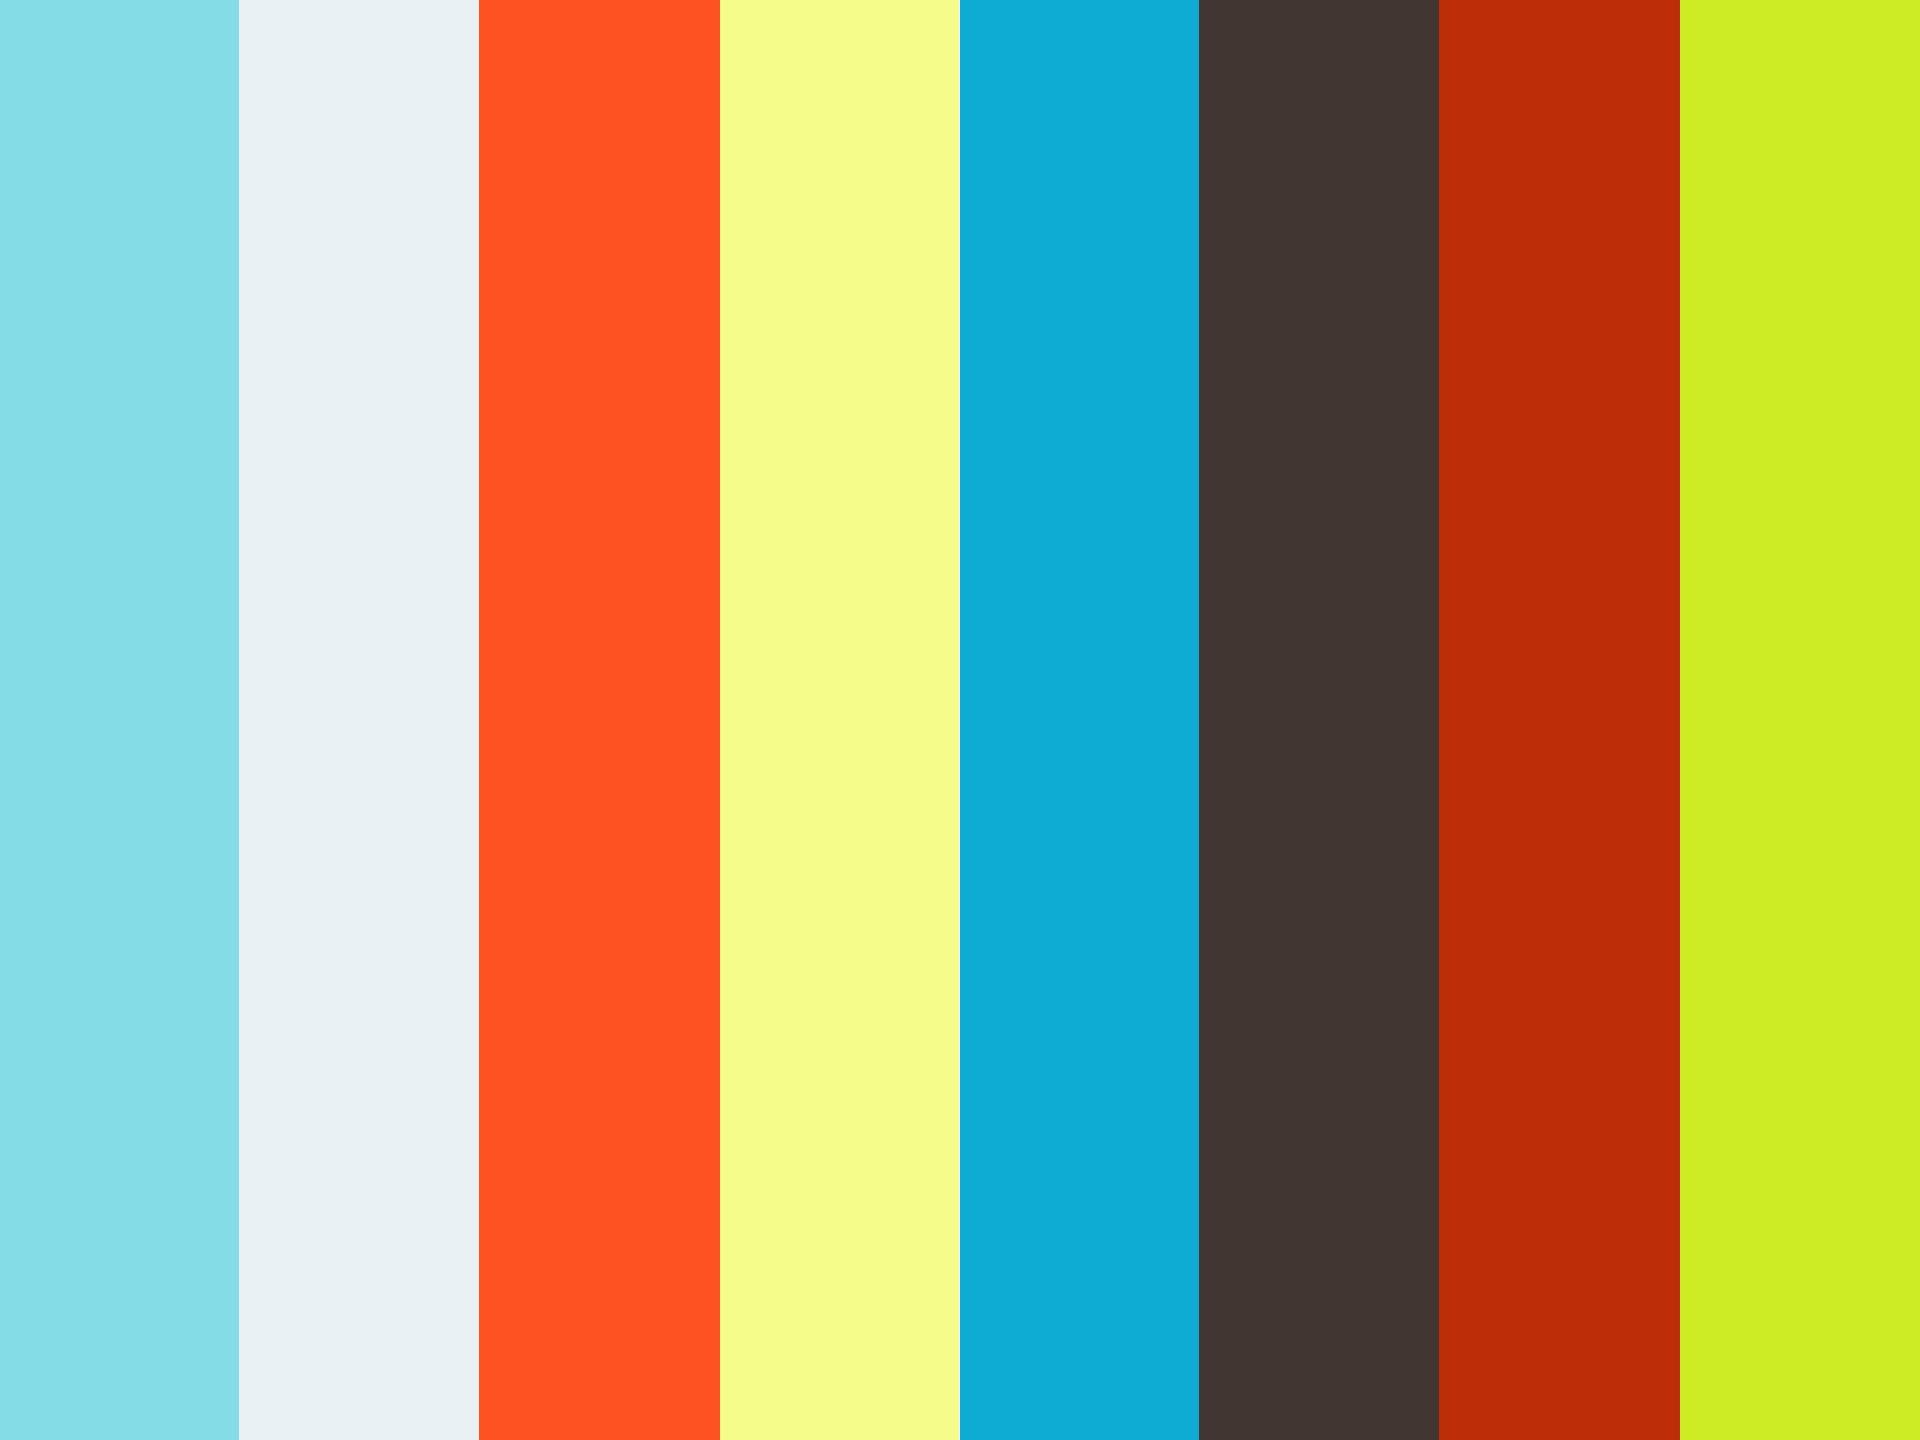 2016年3月26日從文藝青年到一代法王-法王作家聖尊蓮生活佛盧勝彥-真心看臺灣 on Vimeo